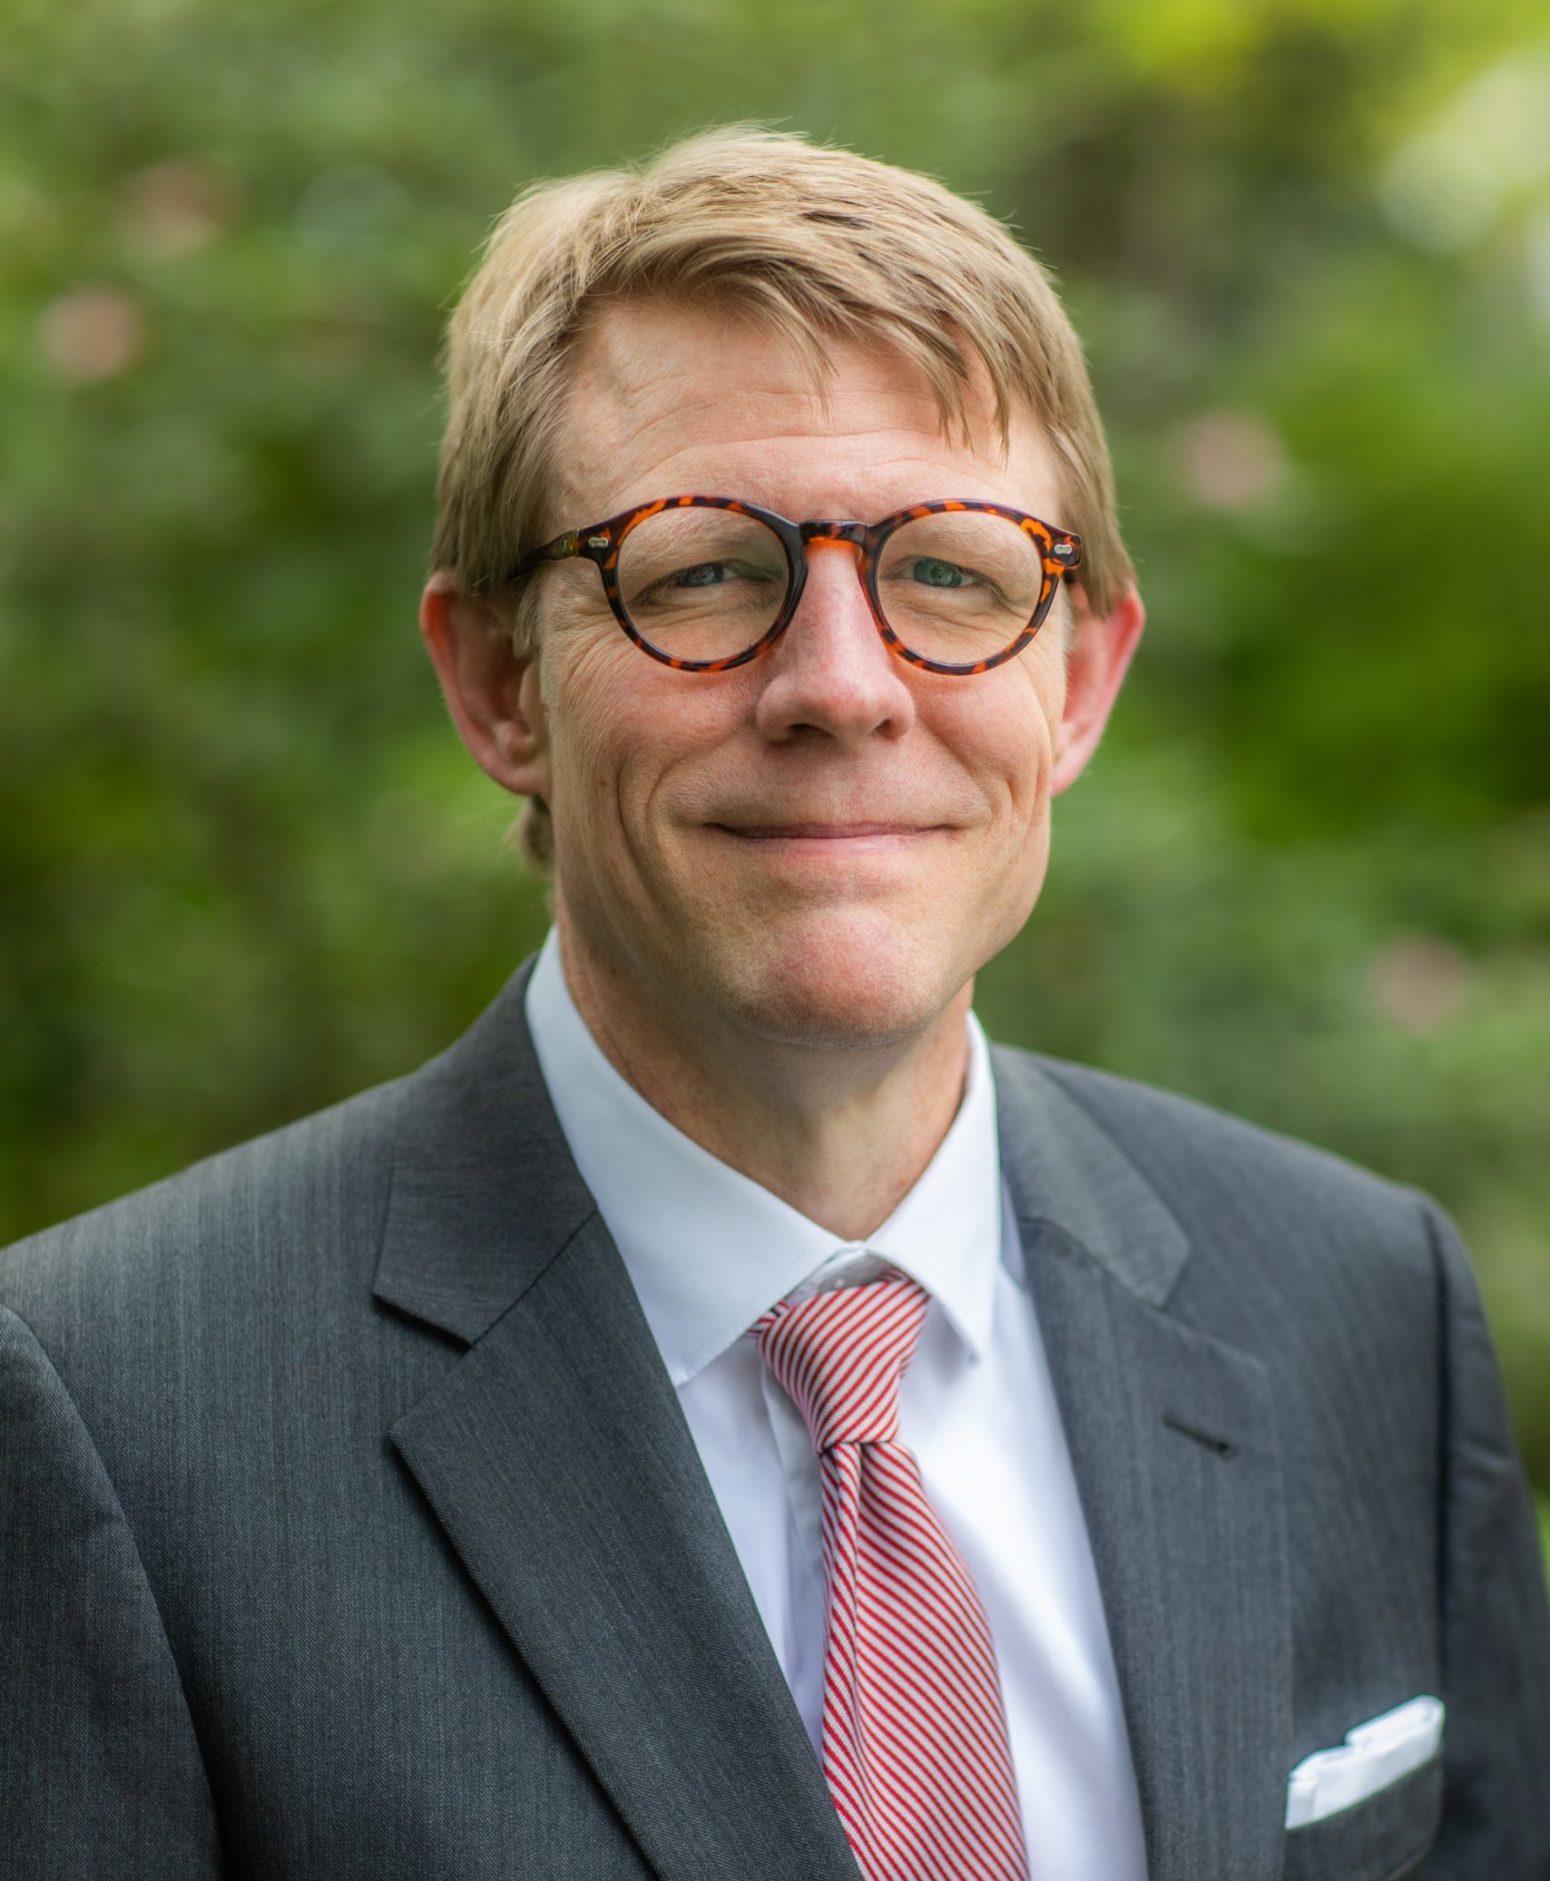 M. Andrew Pippenger